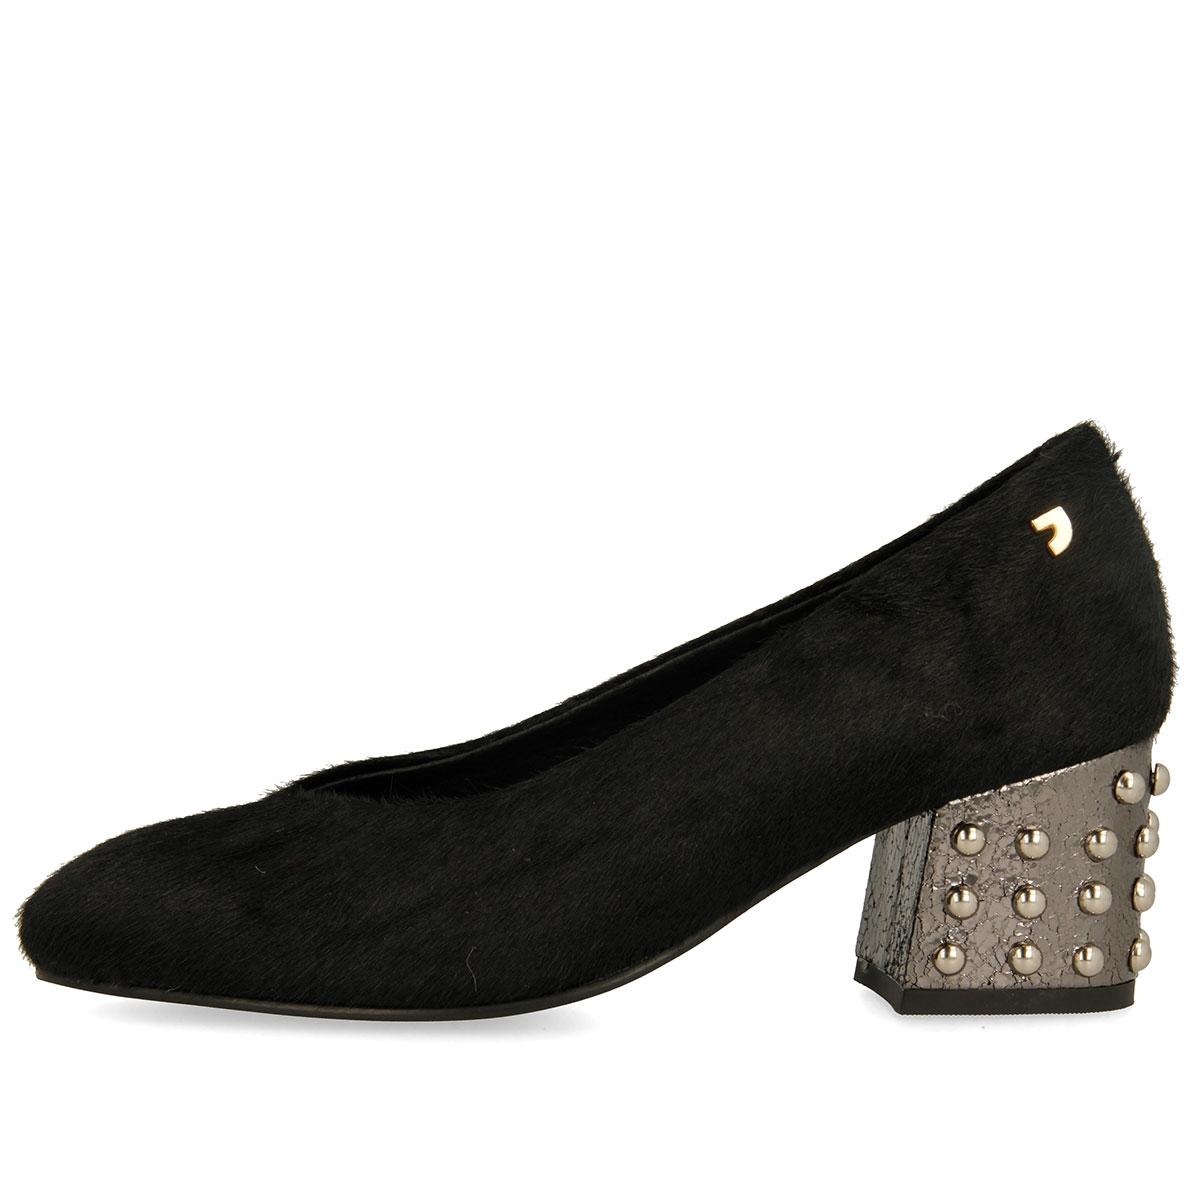 De Zapatos 46443 Negros Salón Para Mujer Tacón Dorado Medio Con drczRUr